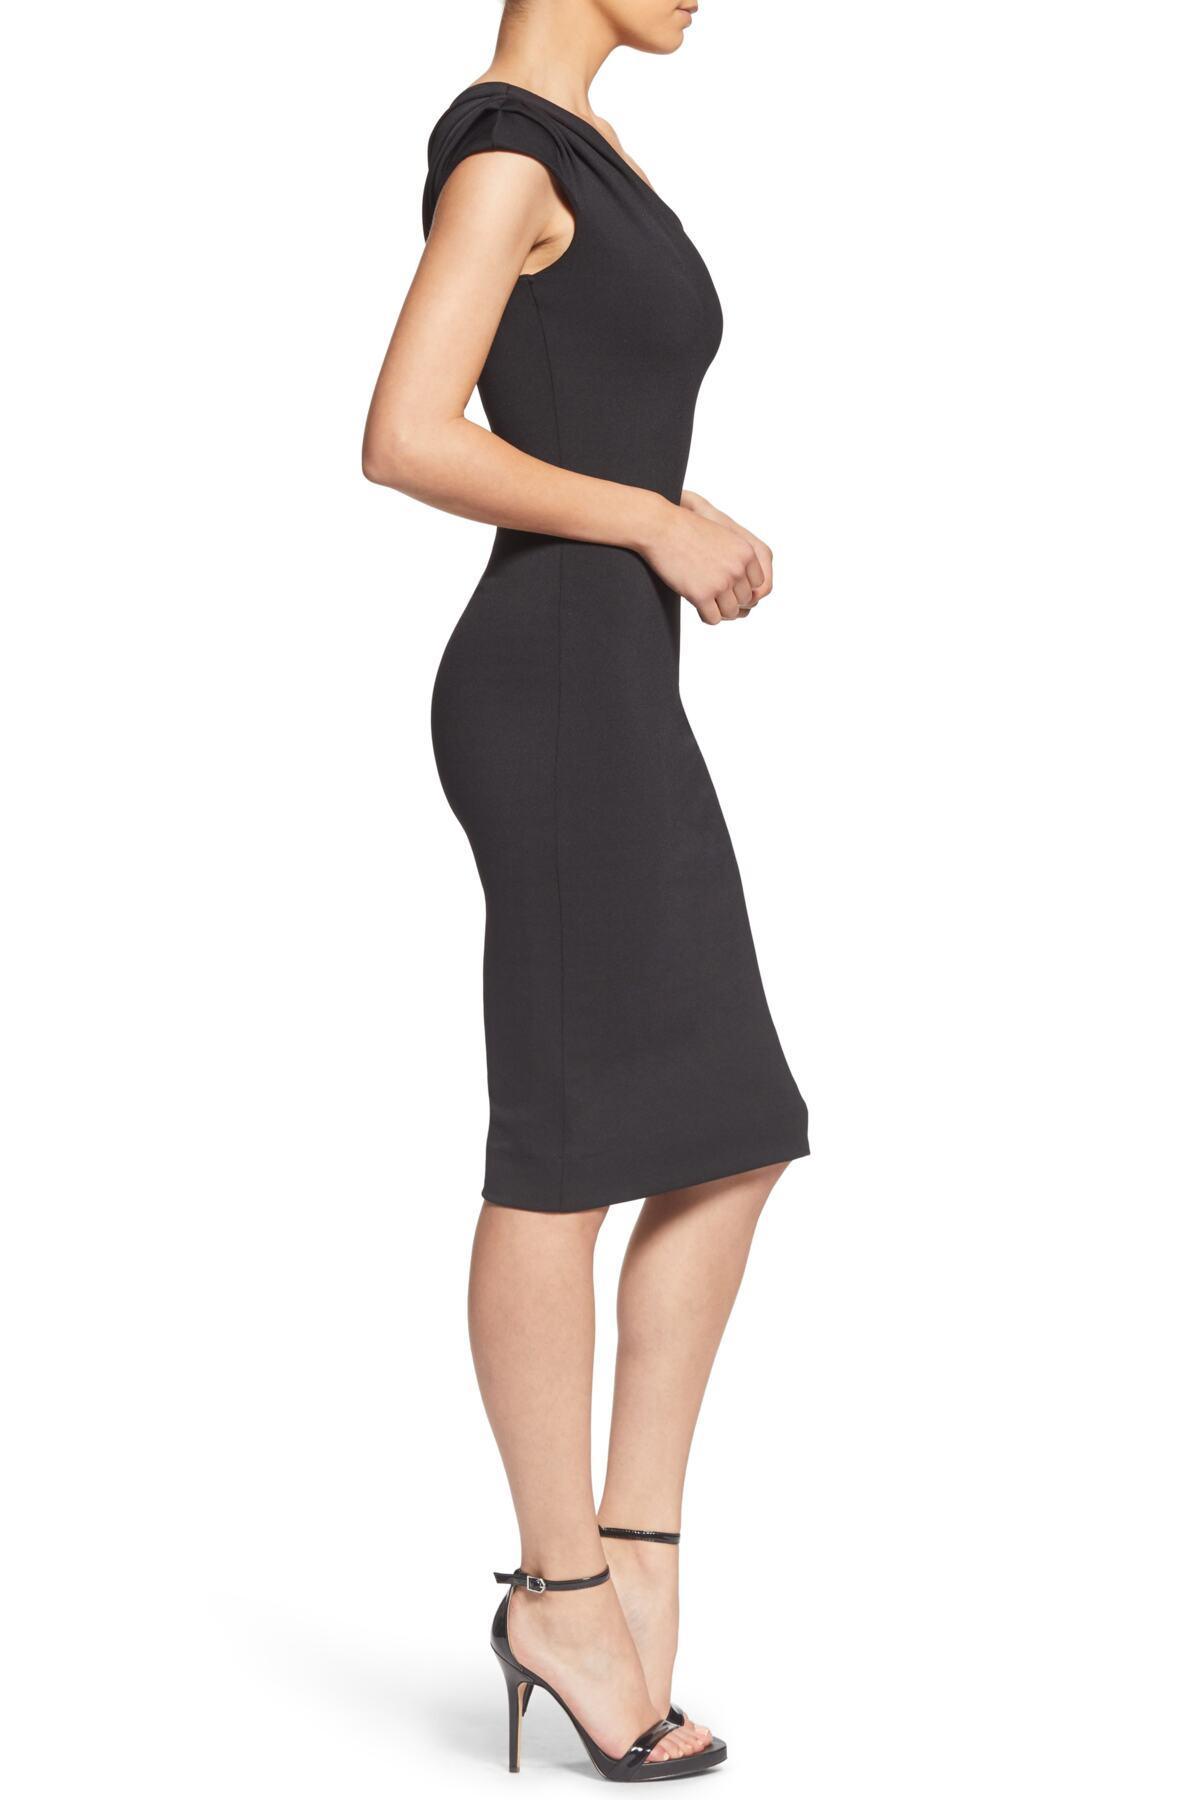 ffe7f856ae65 Lyst - Dress the Population Quinn One-shoulder Body-con Dress ...